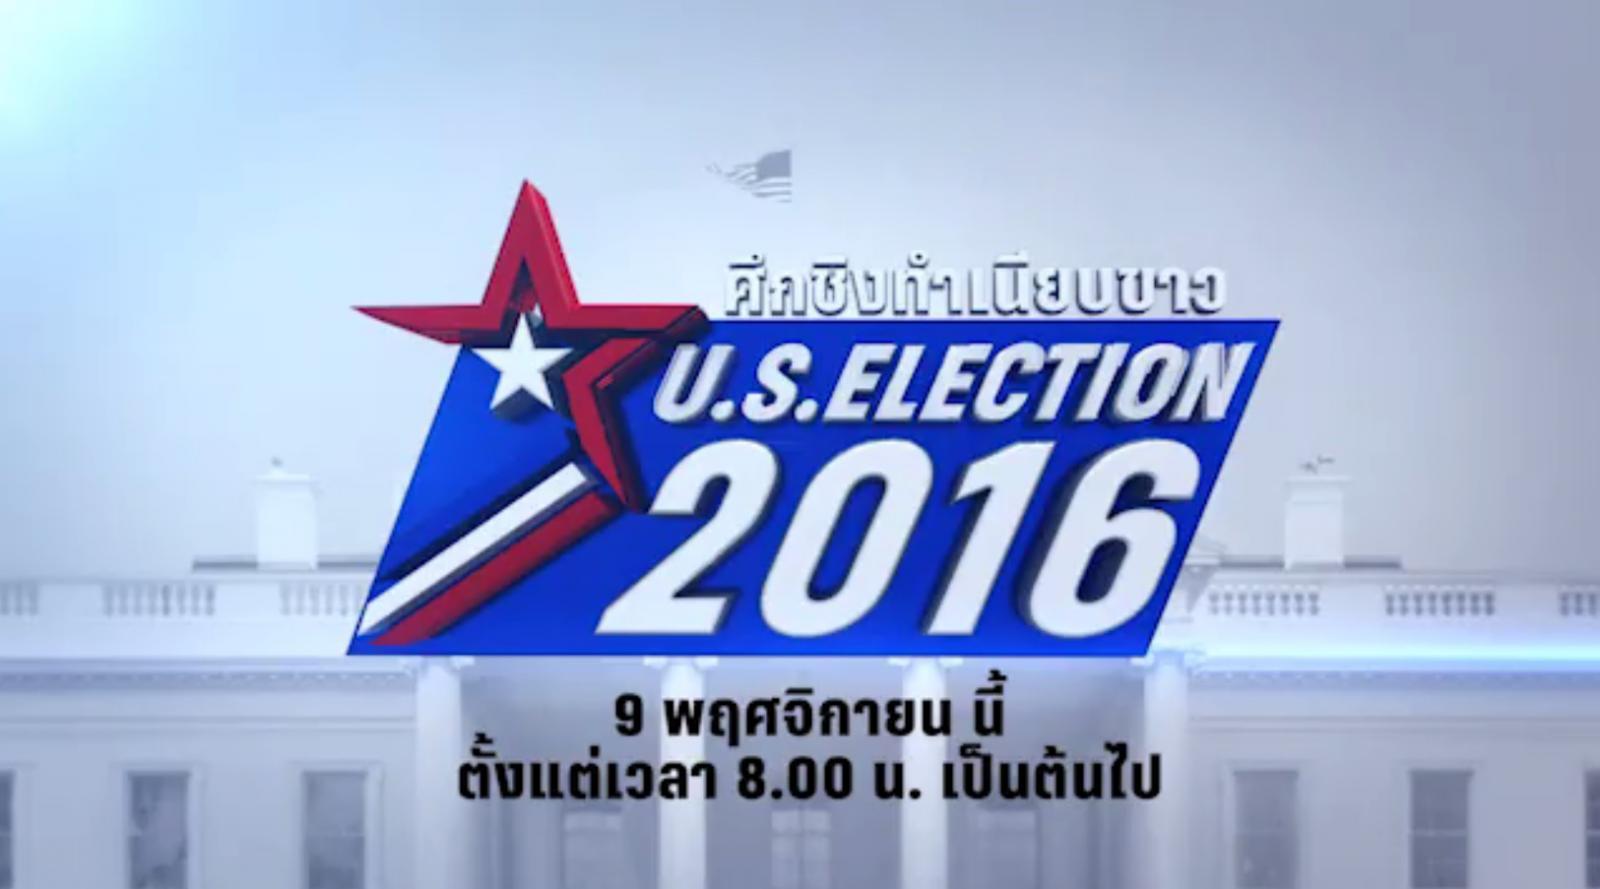 เจาะกระบวนการเลือกตั้งประธานาธิบดีสหรัฐฯ (คลิป)